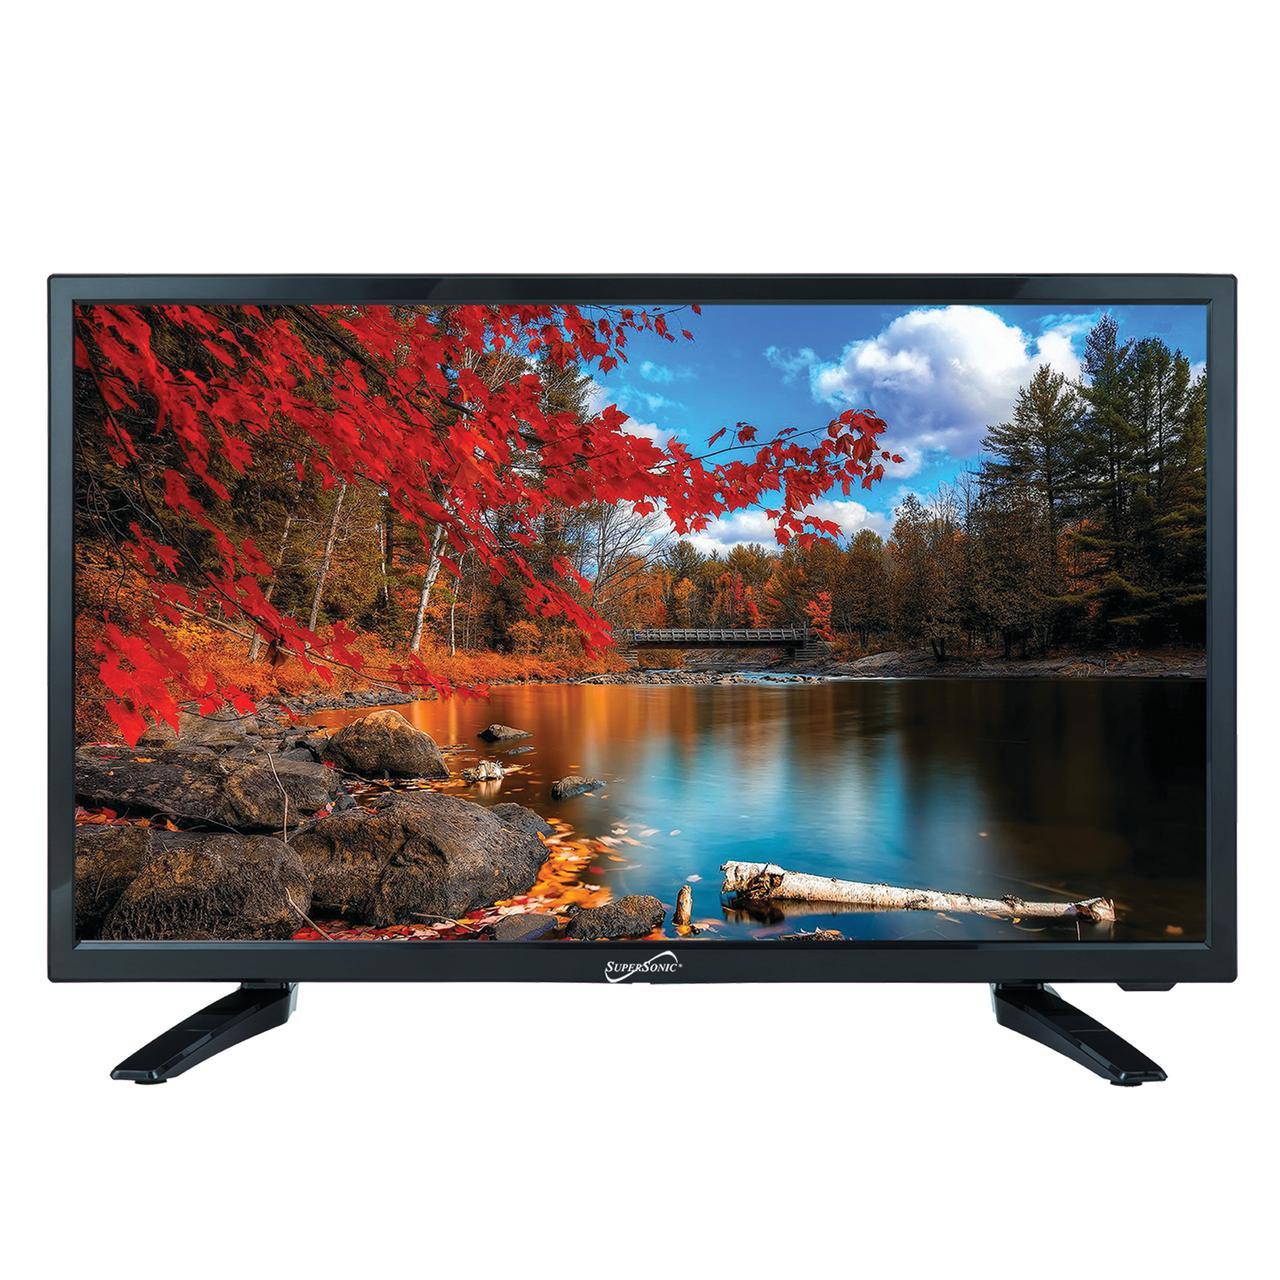 Supersonic SC-2211 1080p Flat Panel LED LED-LCD TV